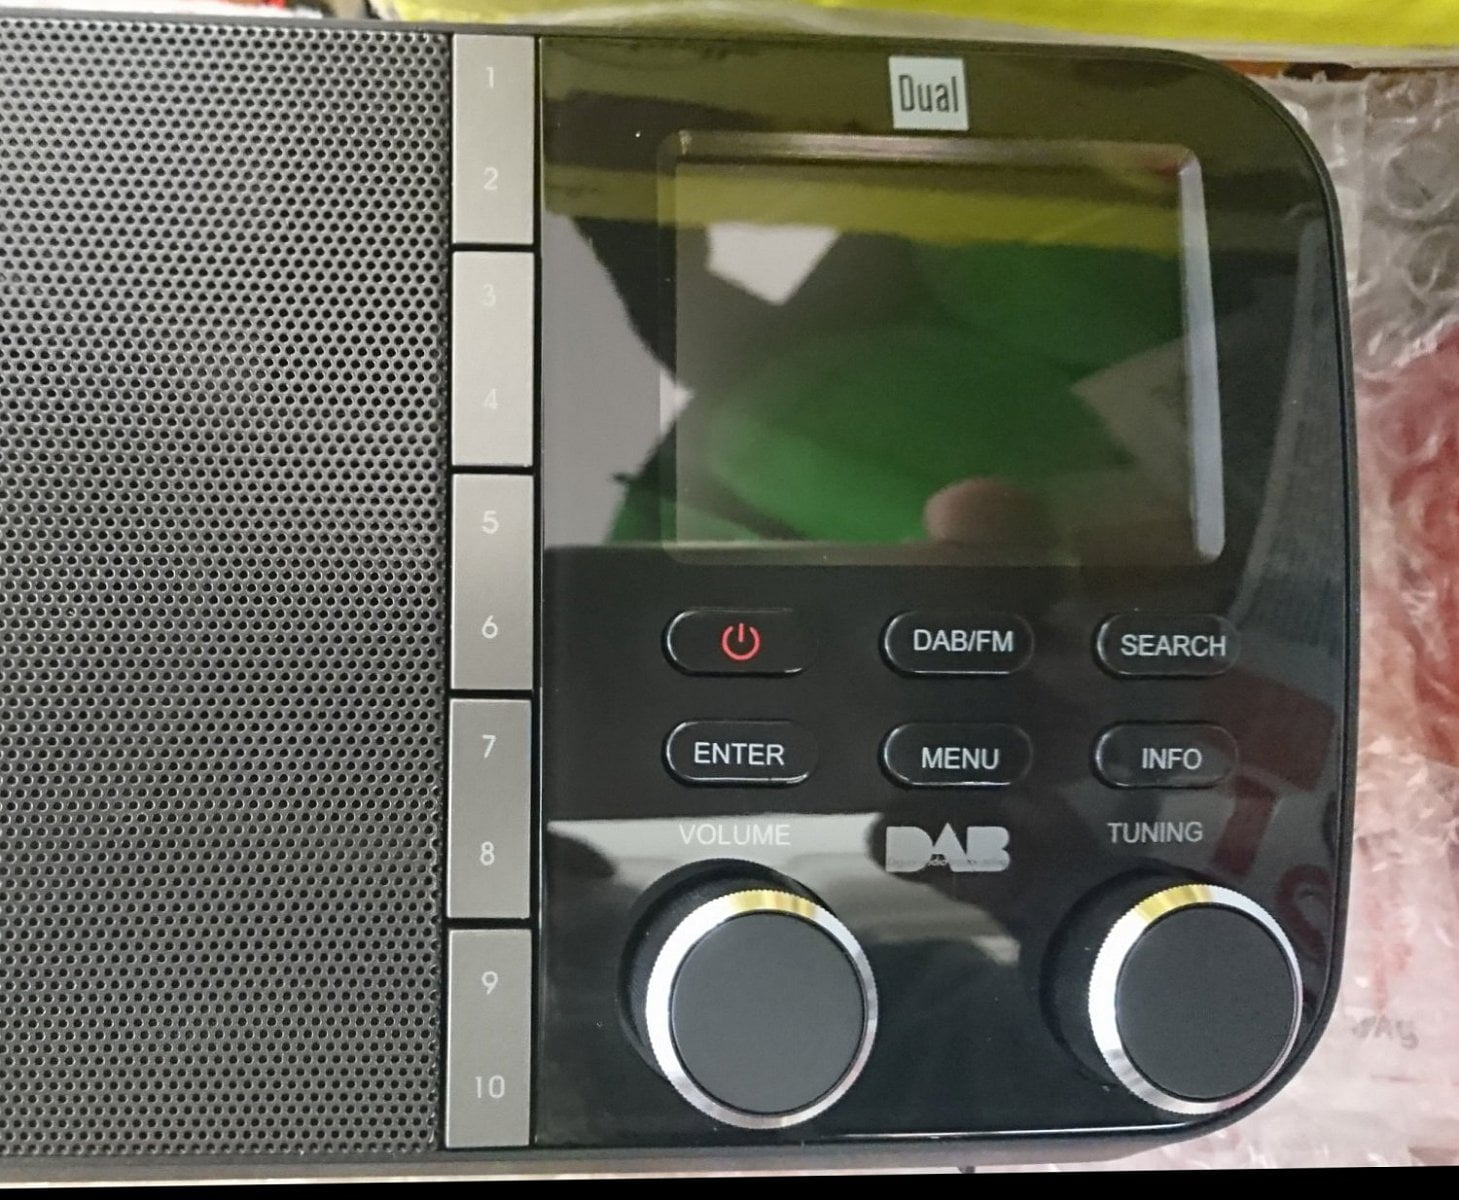 DAB rádio Dual DAB 4C prodávané v Normě